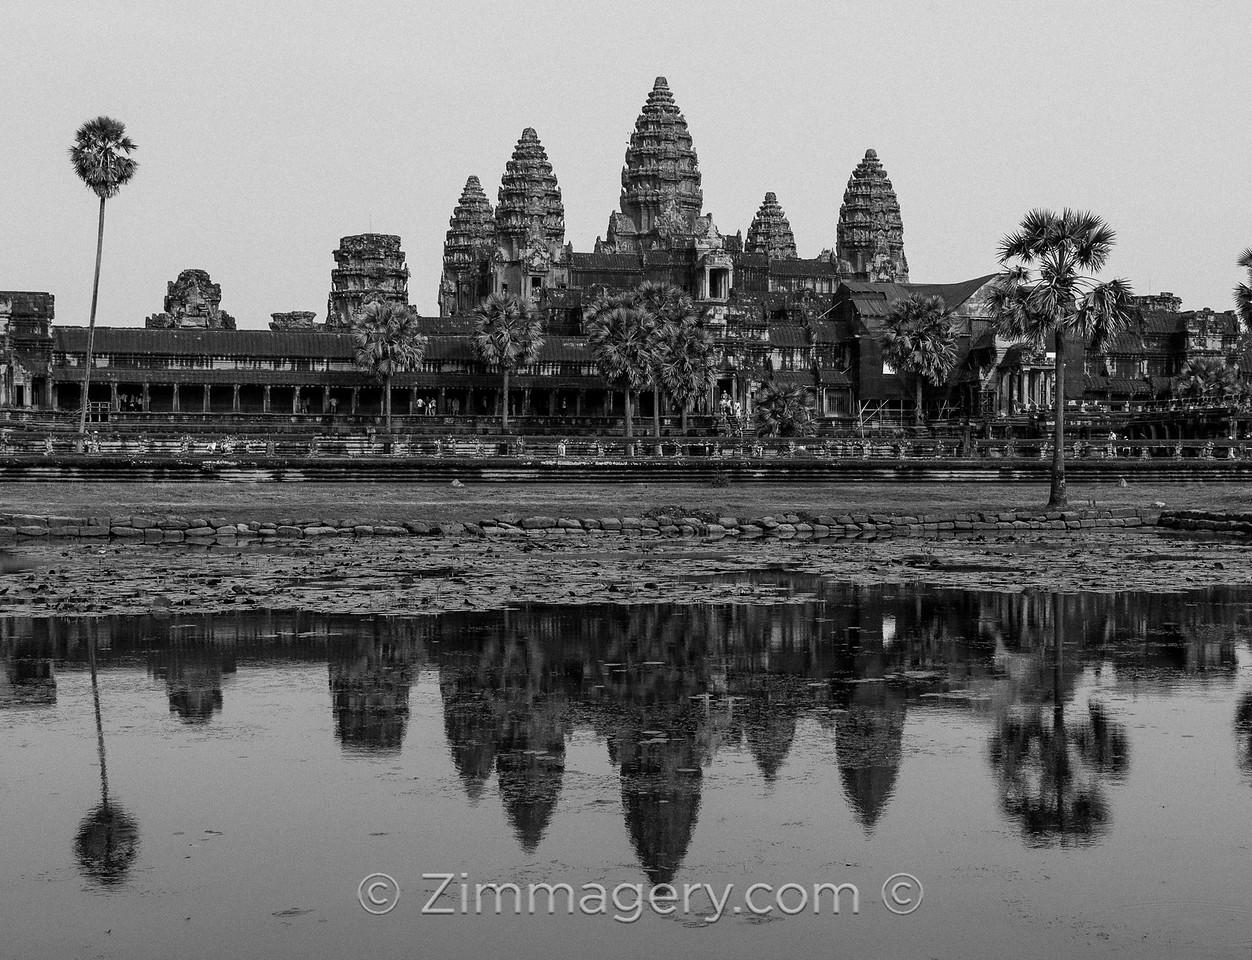 B&W Reflections, Angkor Wat, Cambodia